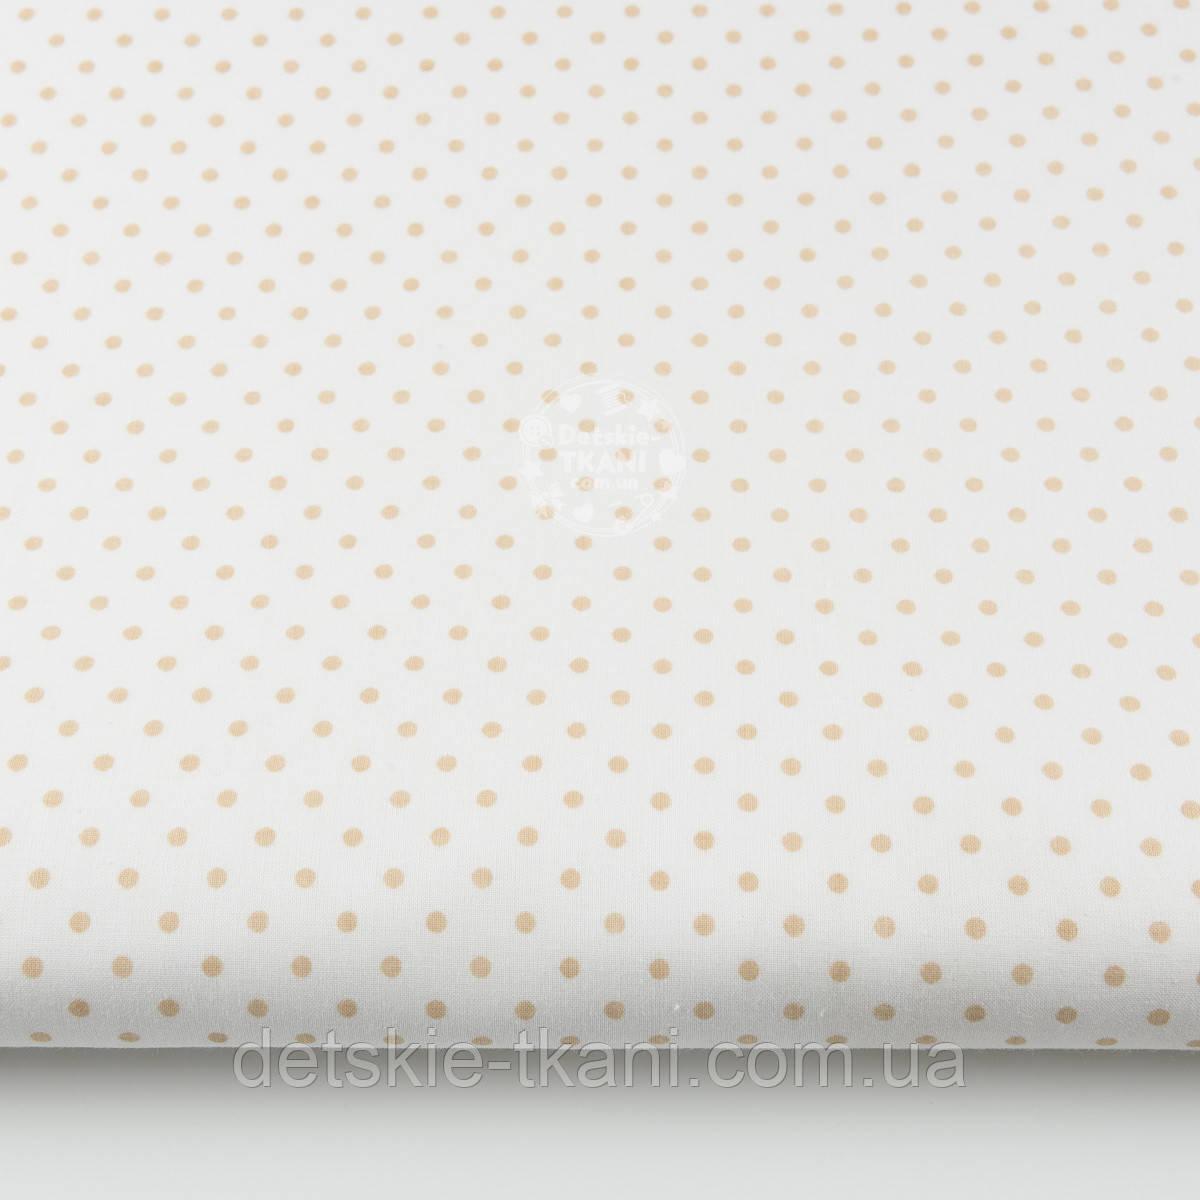 5fe94c6a695 Ткань с кофейным горошком 3 мм на белом фоне (№1344а). - Детские